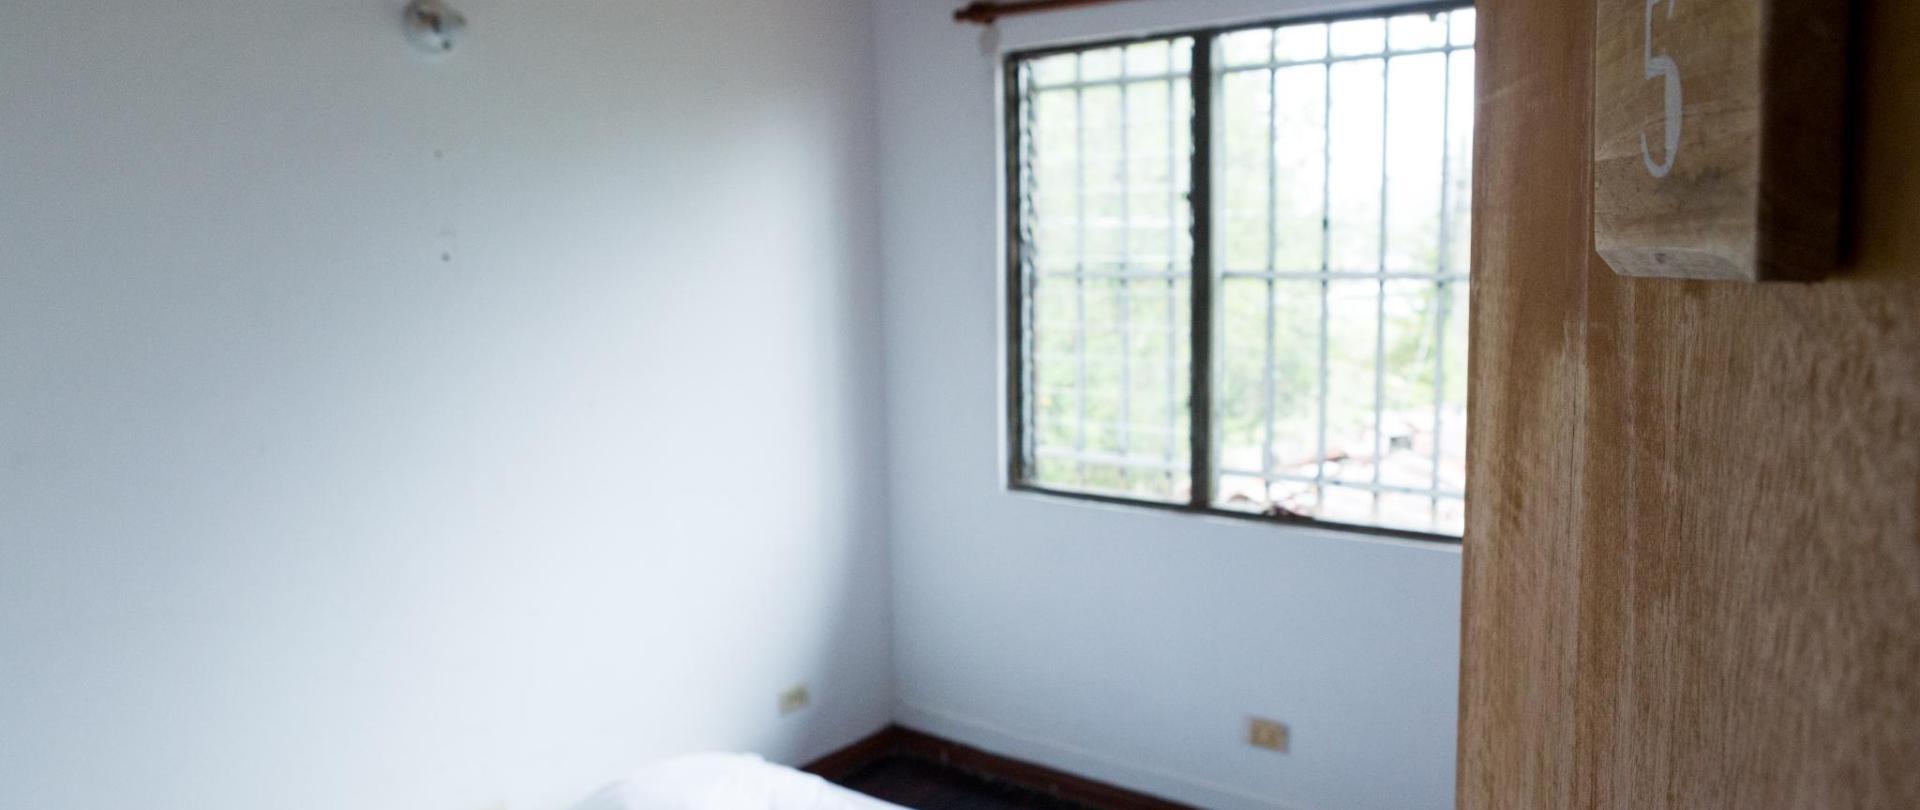 Galería Guatape habitaciones -4.jpg